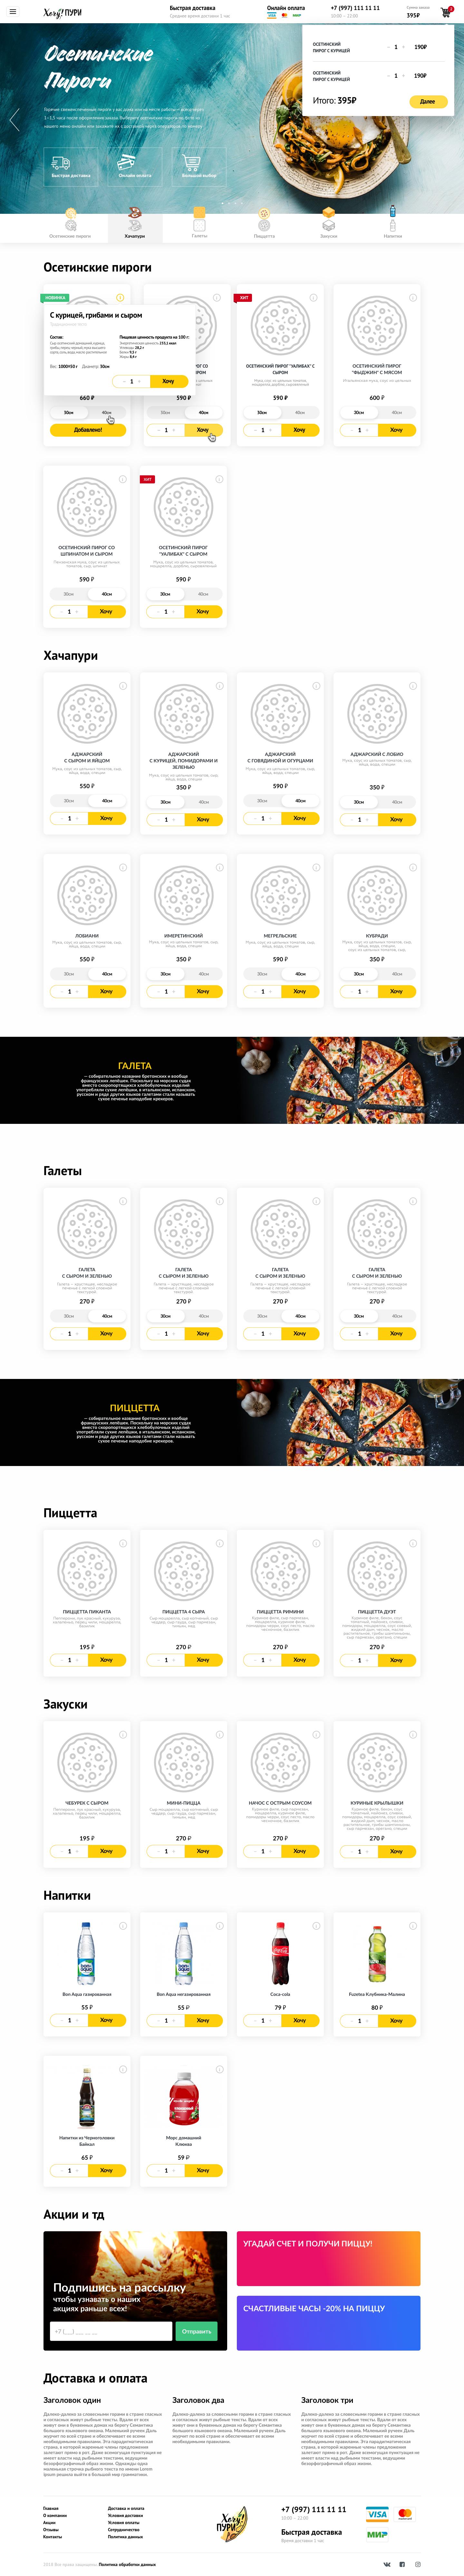 Дизайн интернет магазина для осетинских пирогов